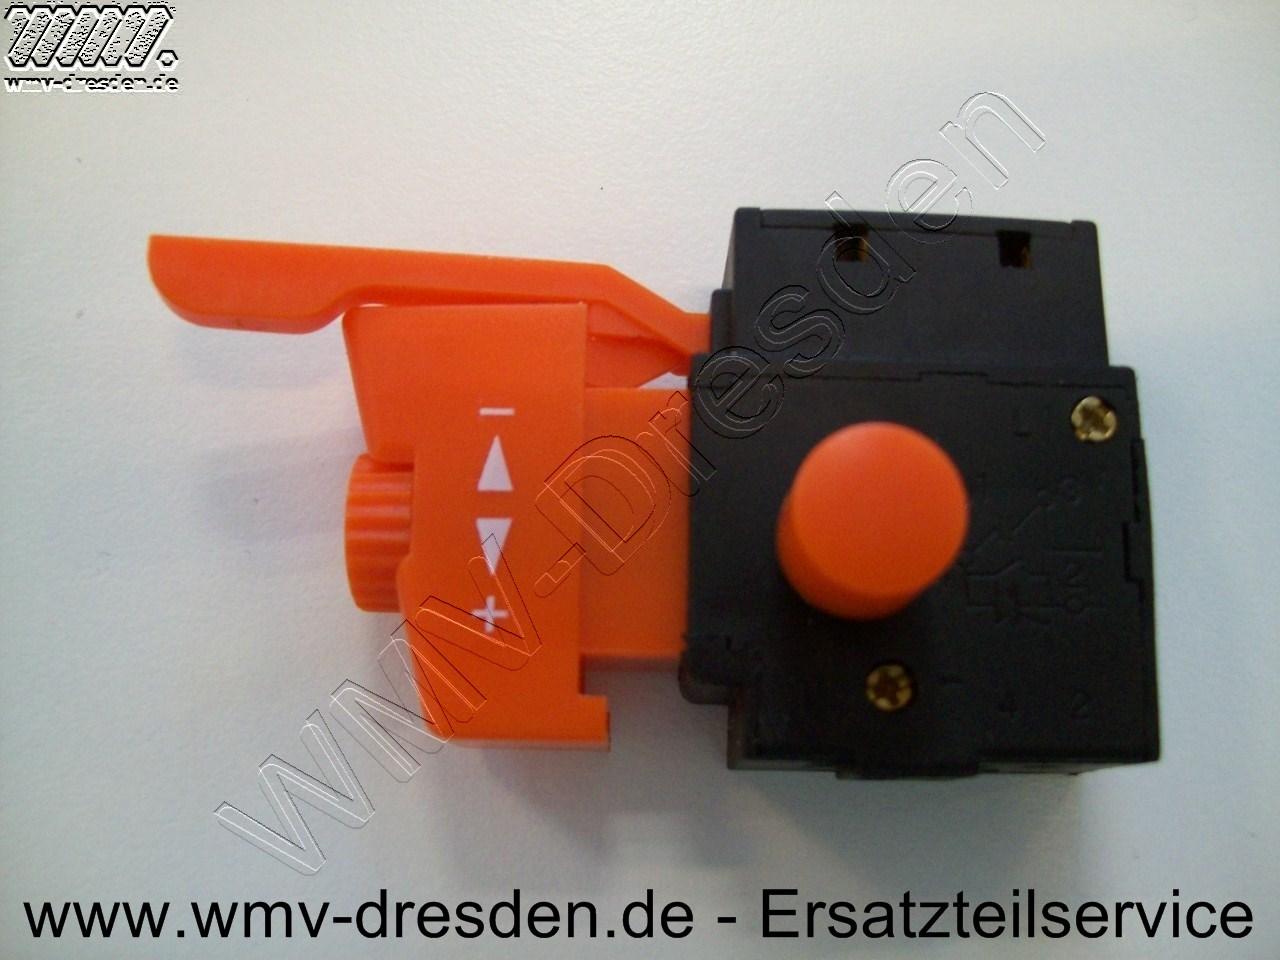 Schalter TPMB 750 / 800 / 800 E / 900 / 900 E / MSB 500 E / 510 E / MPMB 750 / 800 / 900 / 9000-E